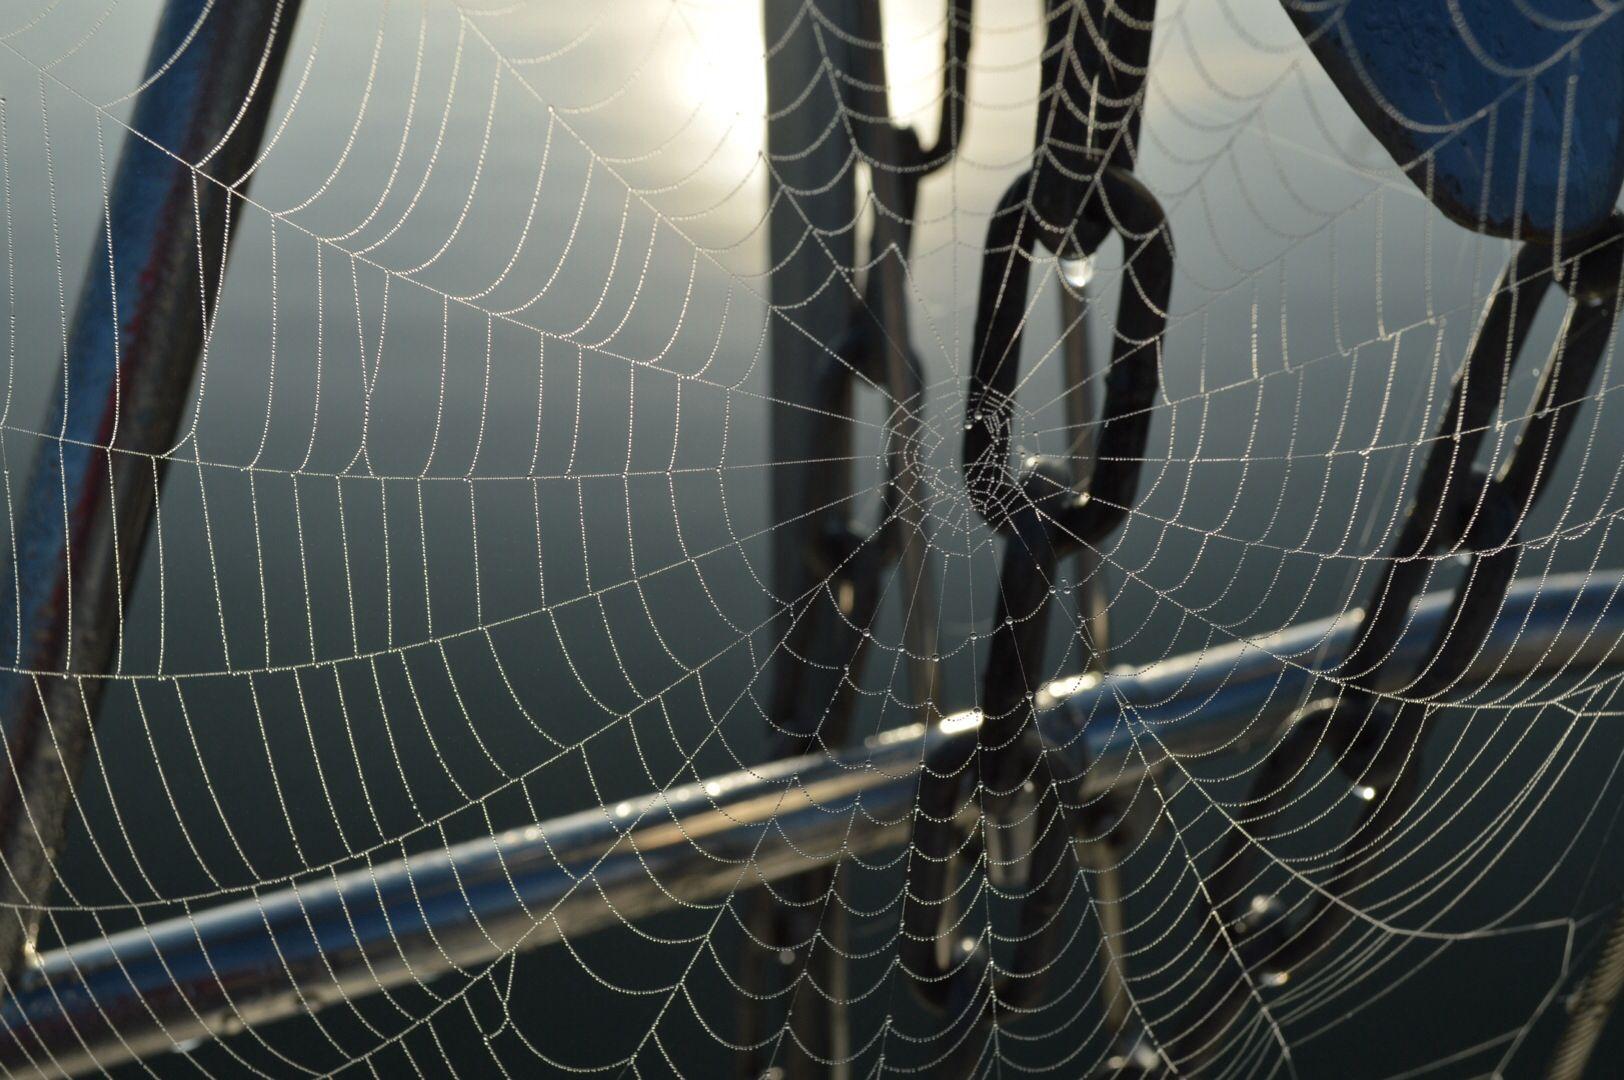 Hämähäkin taidonnäyte